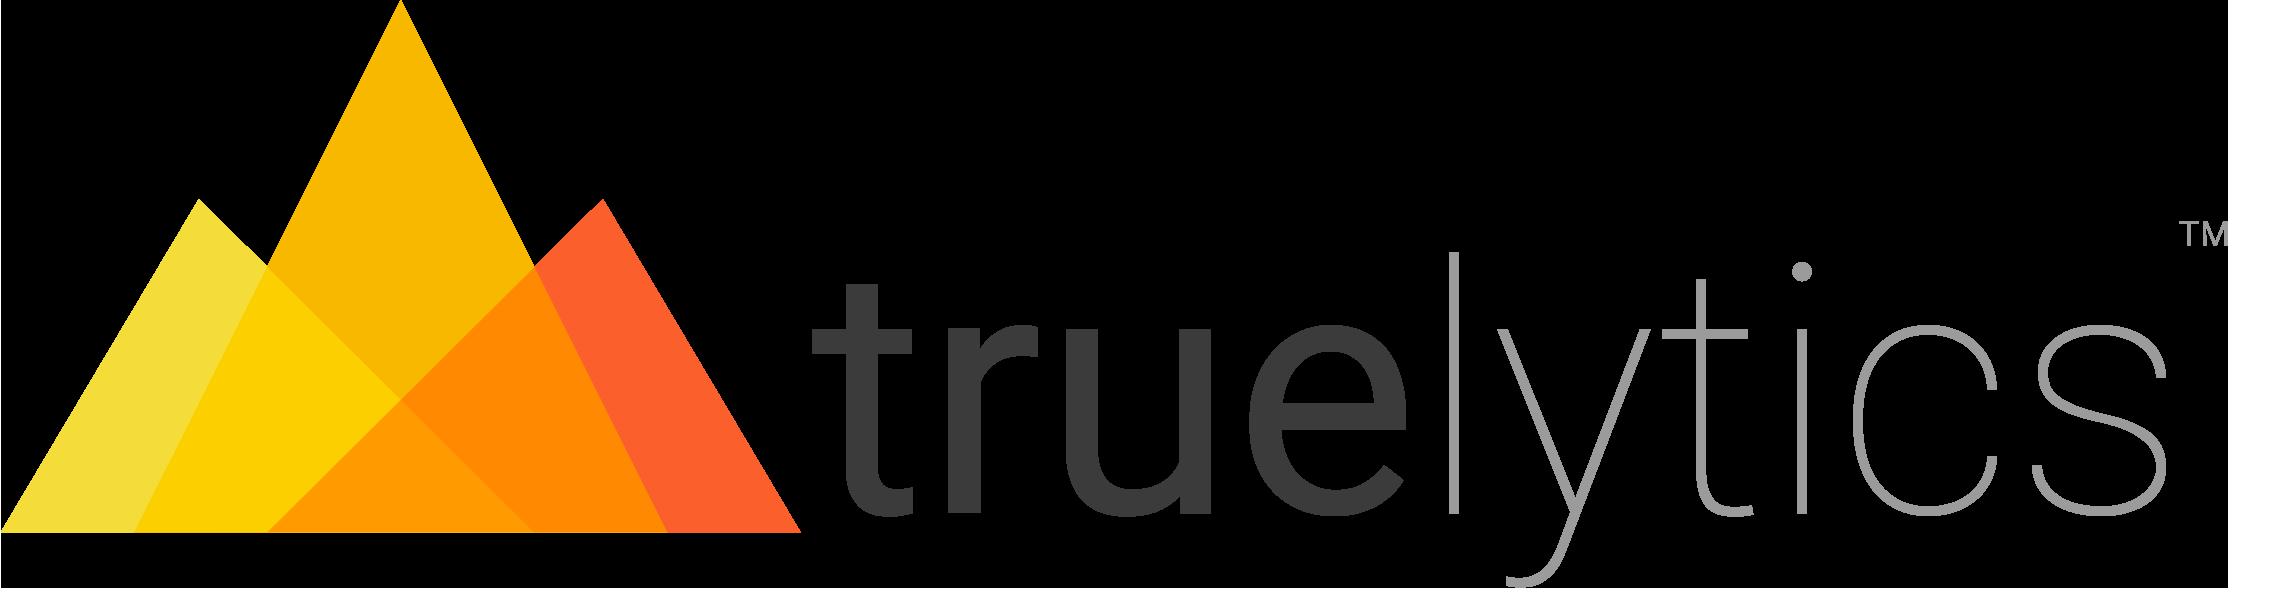 truelytics-logo-horz-color-2019